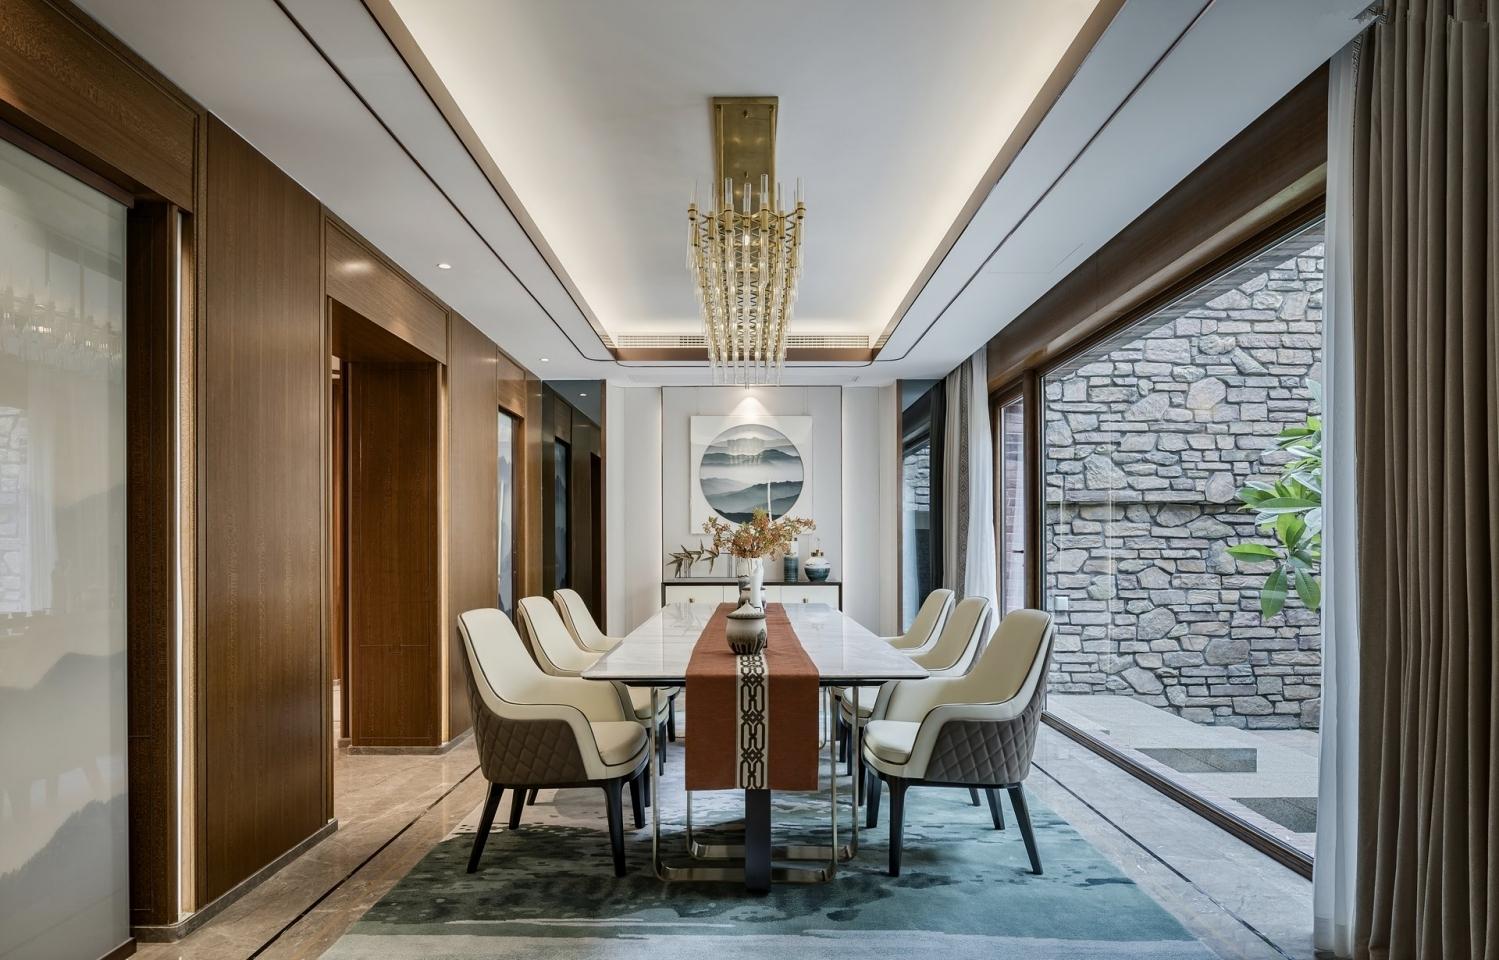 华侨城十号 十号院别墅 腾龙设计 现代风格 餐厅图片来自孔继民在华侨城十号院别墅完工实景展示的分享